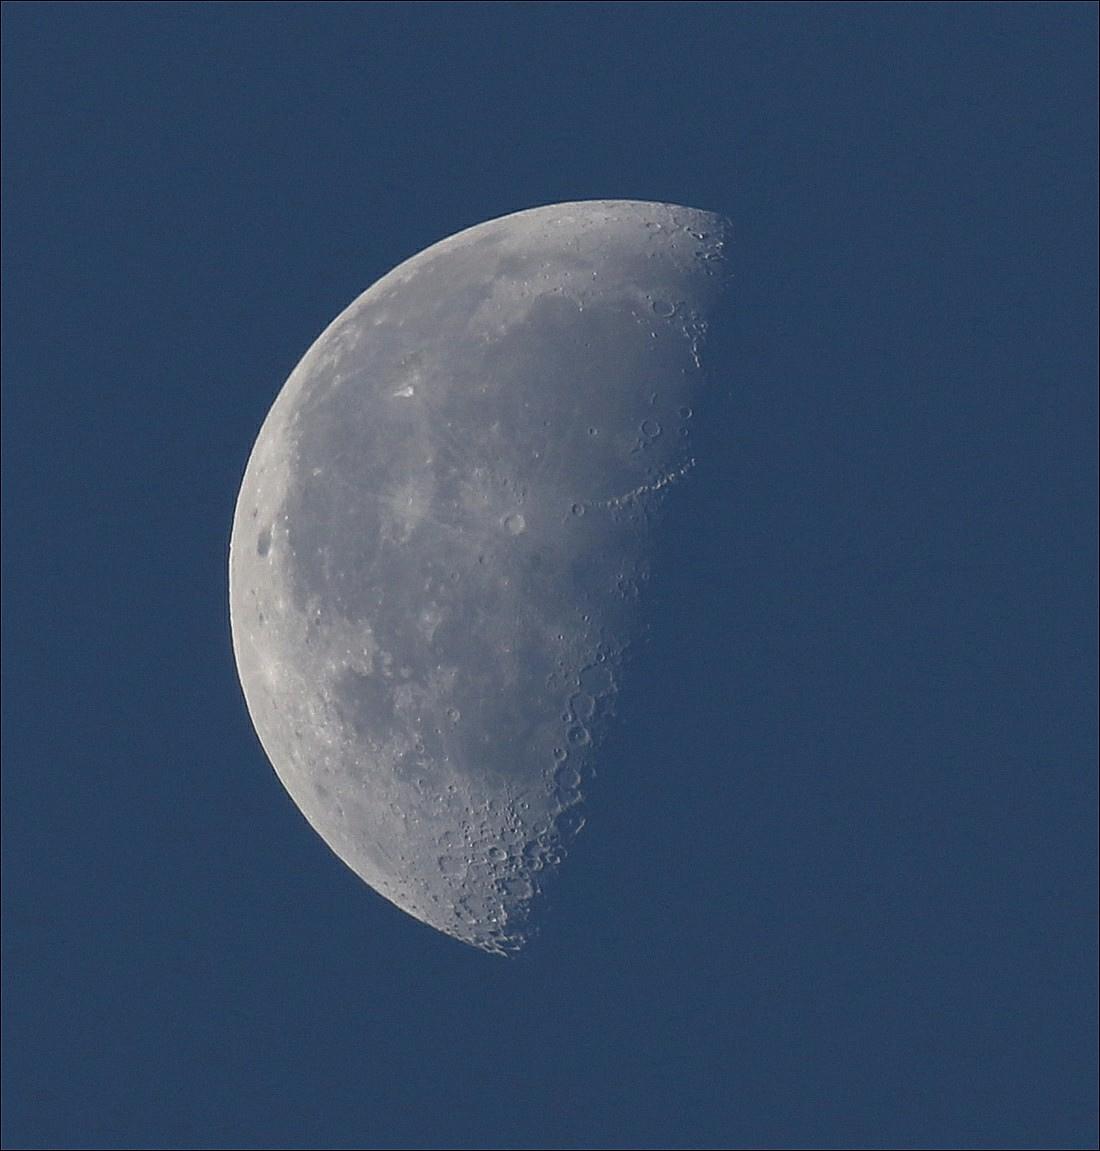 la lune le 11/08/2020 (55864AI1R6 1)